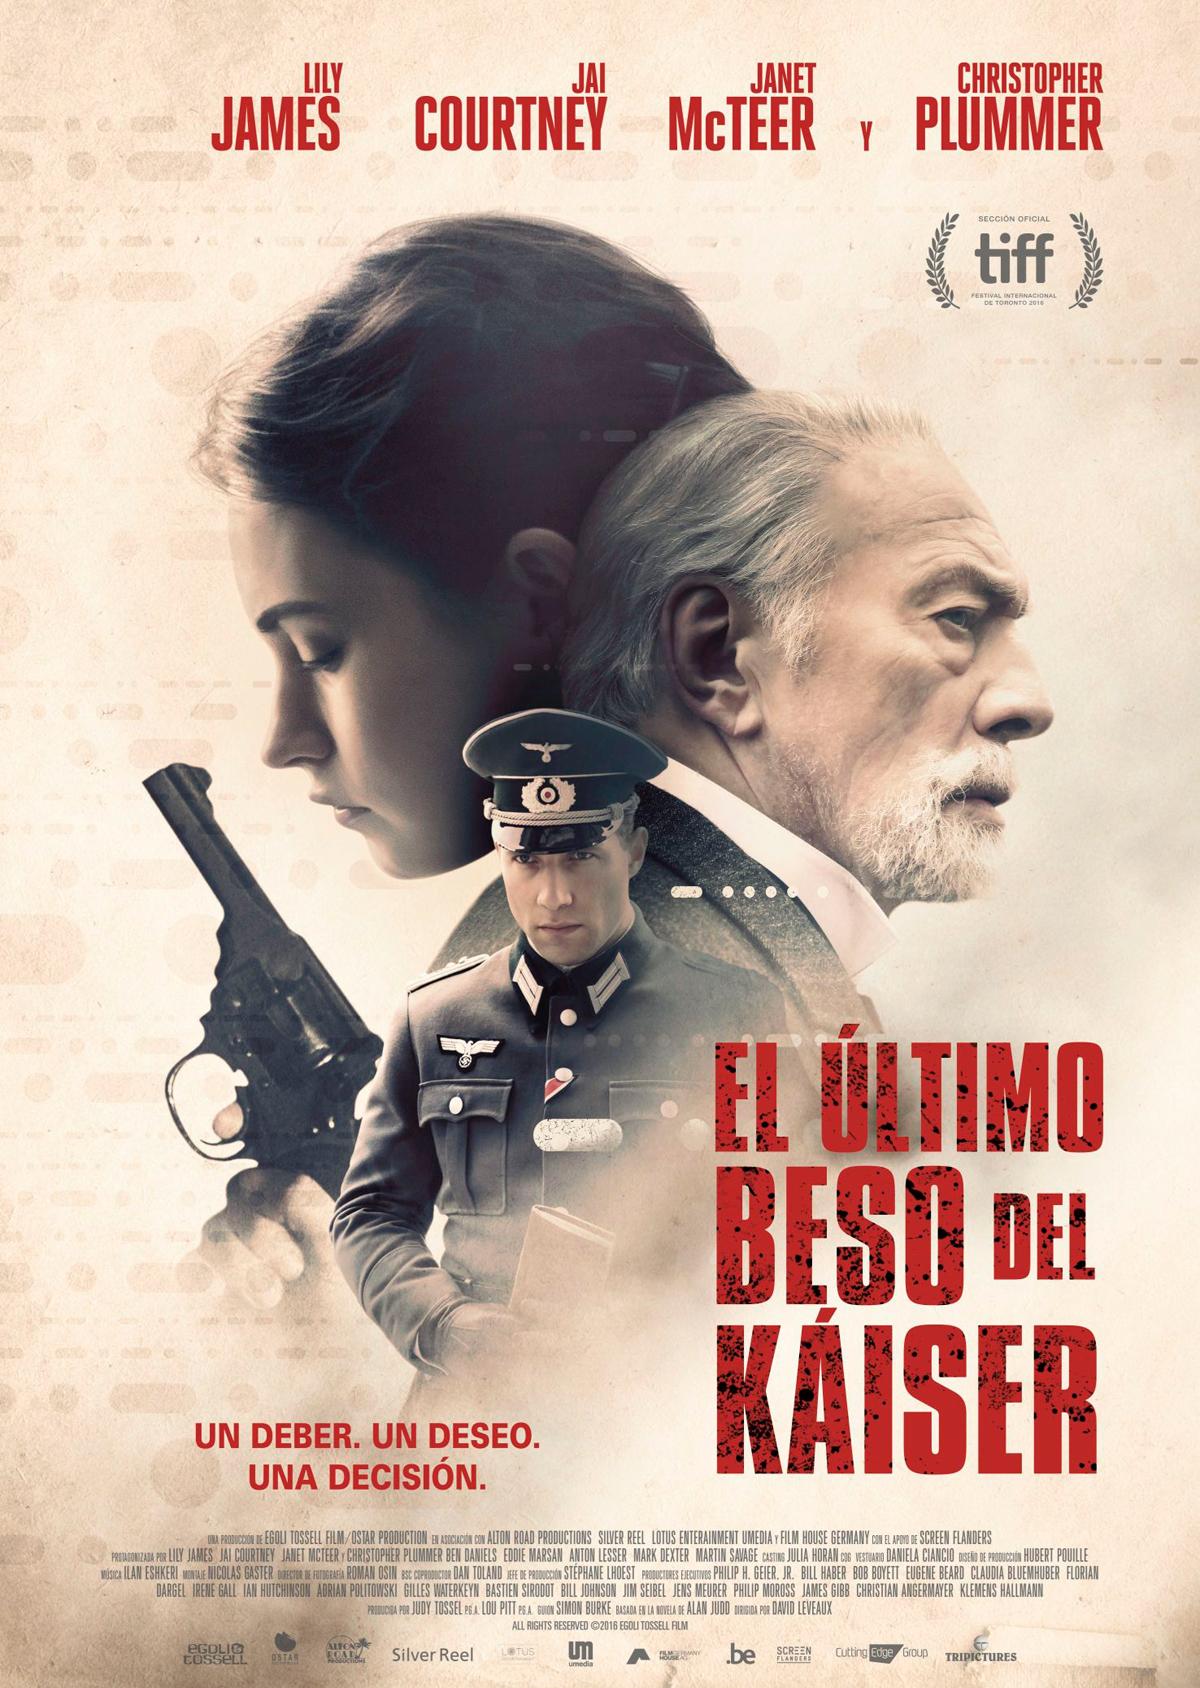 El último beso del Kaiser - Película 2017 - SensaCine.com